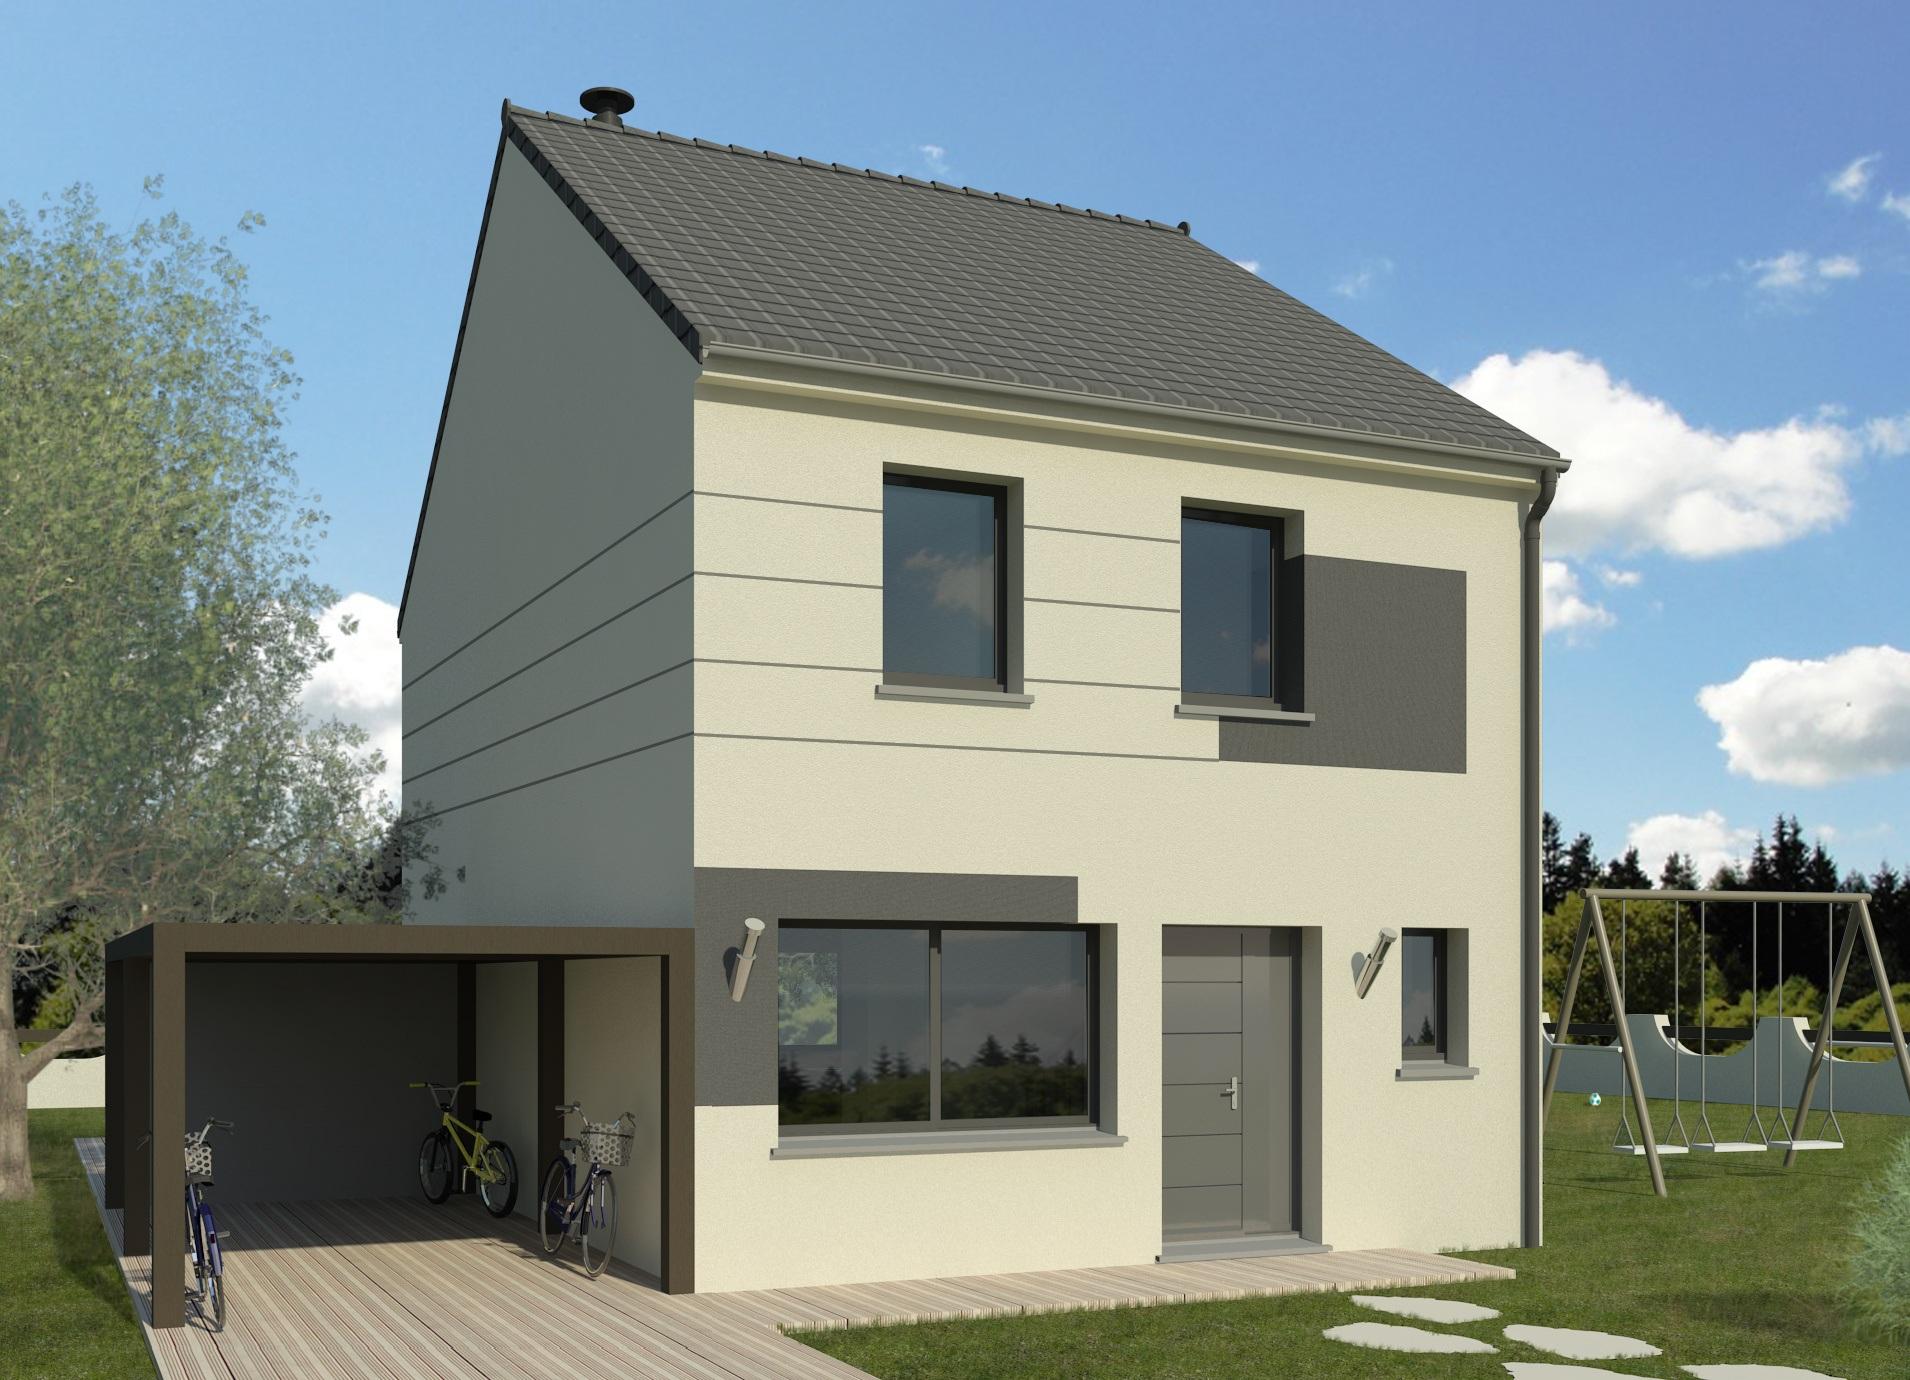 Maisons + Terrains du constructeur MAISON FAMILIALE COIGNIERES • 110 m² • COIGNIERES